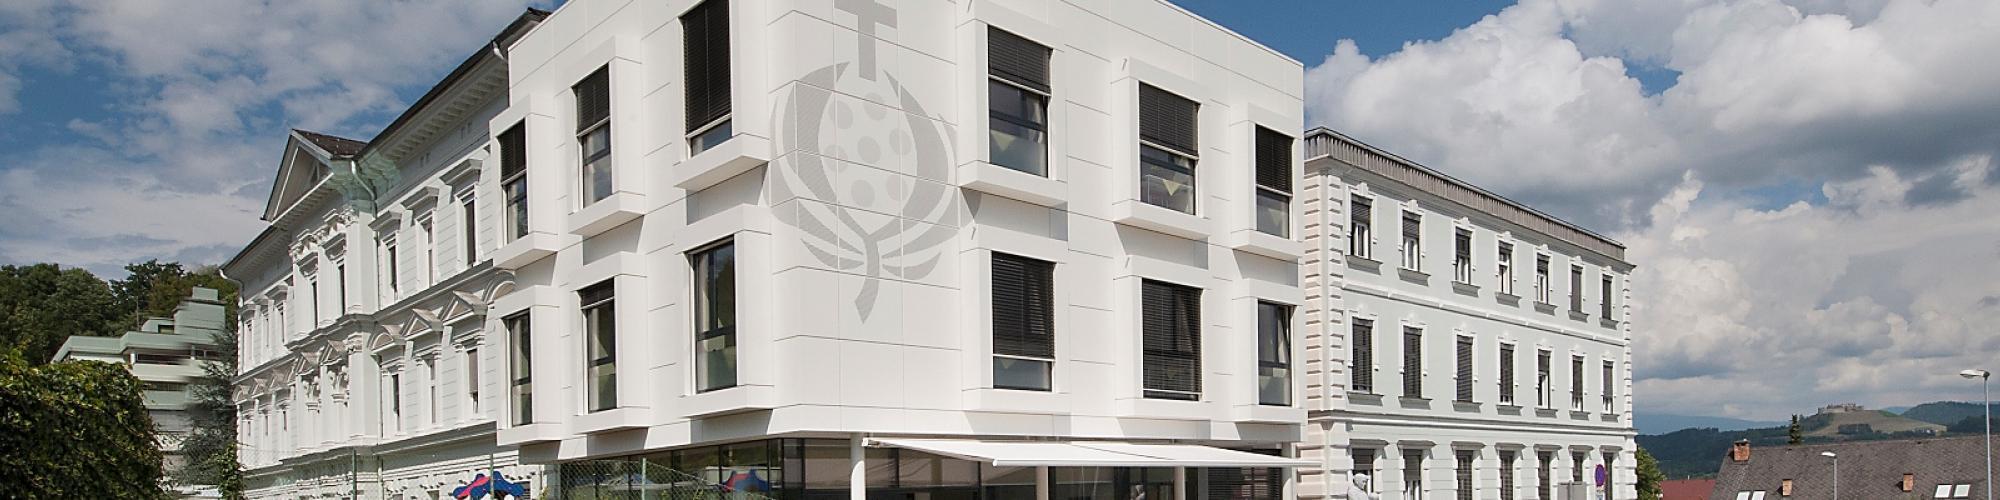 A.ö. Krankenhaus der Barmherzigen Brüder St. Veit/Glan